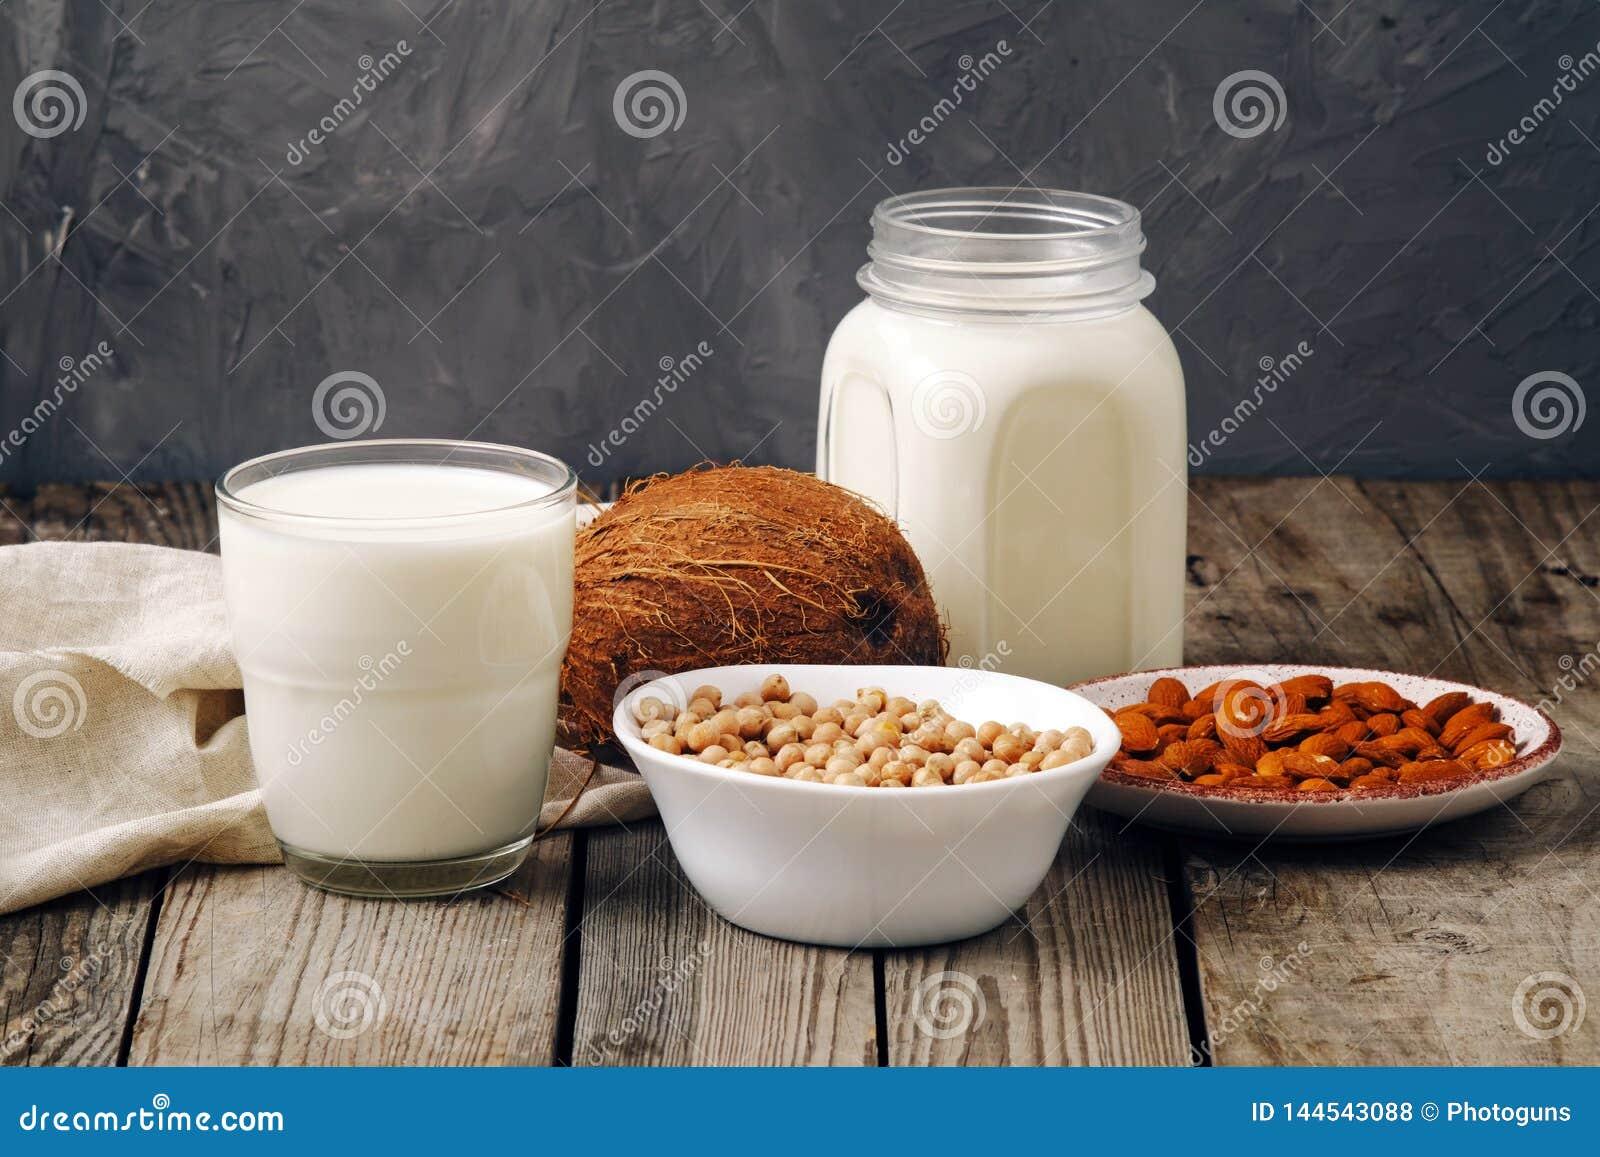 玻璃杯子和瓶子素食主义者植物牛奶和杏仁,坚果,椰子,在木桌上的大豆牛奶 牛奶店自由牛奶替代品饮料和